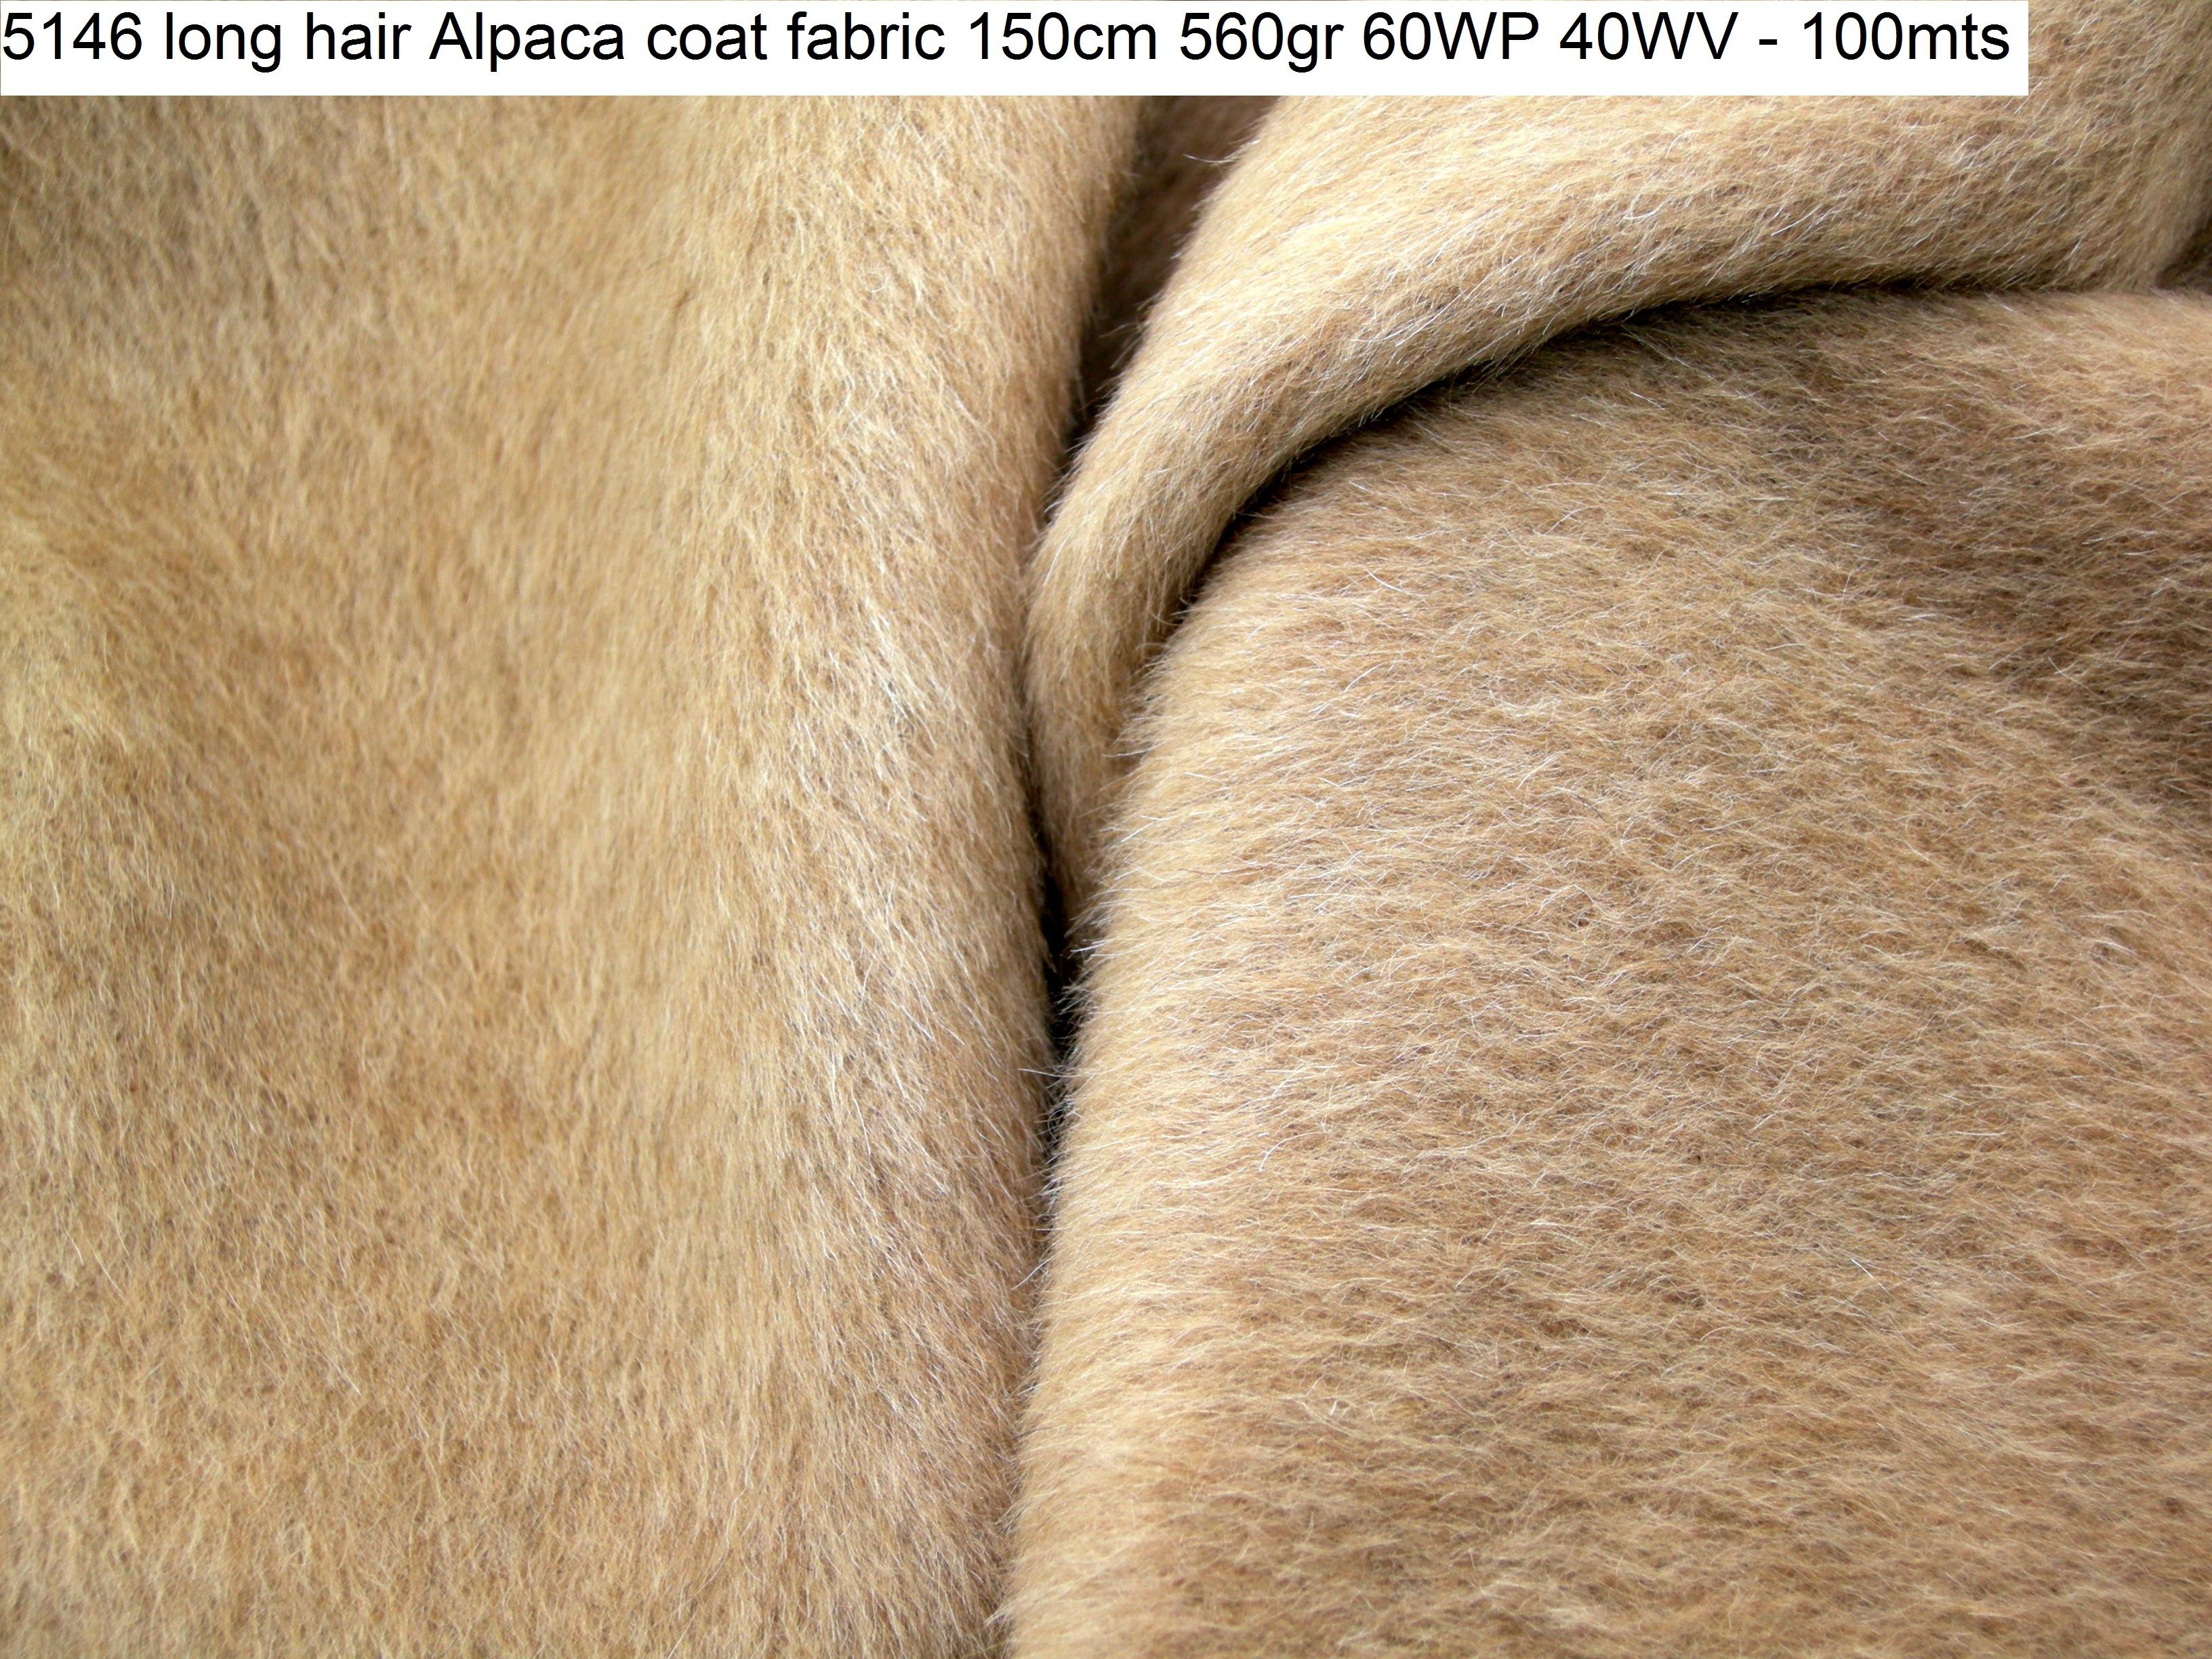 5146 long hair Alpaca coat fabric 150cm 560gr 60WP 40WV - 100mts